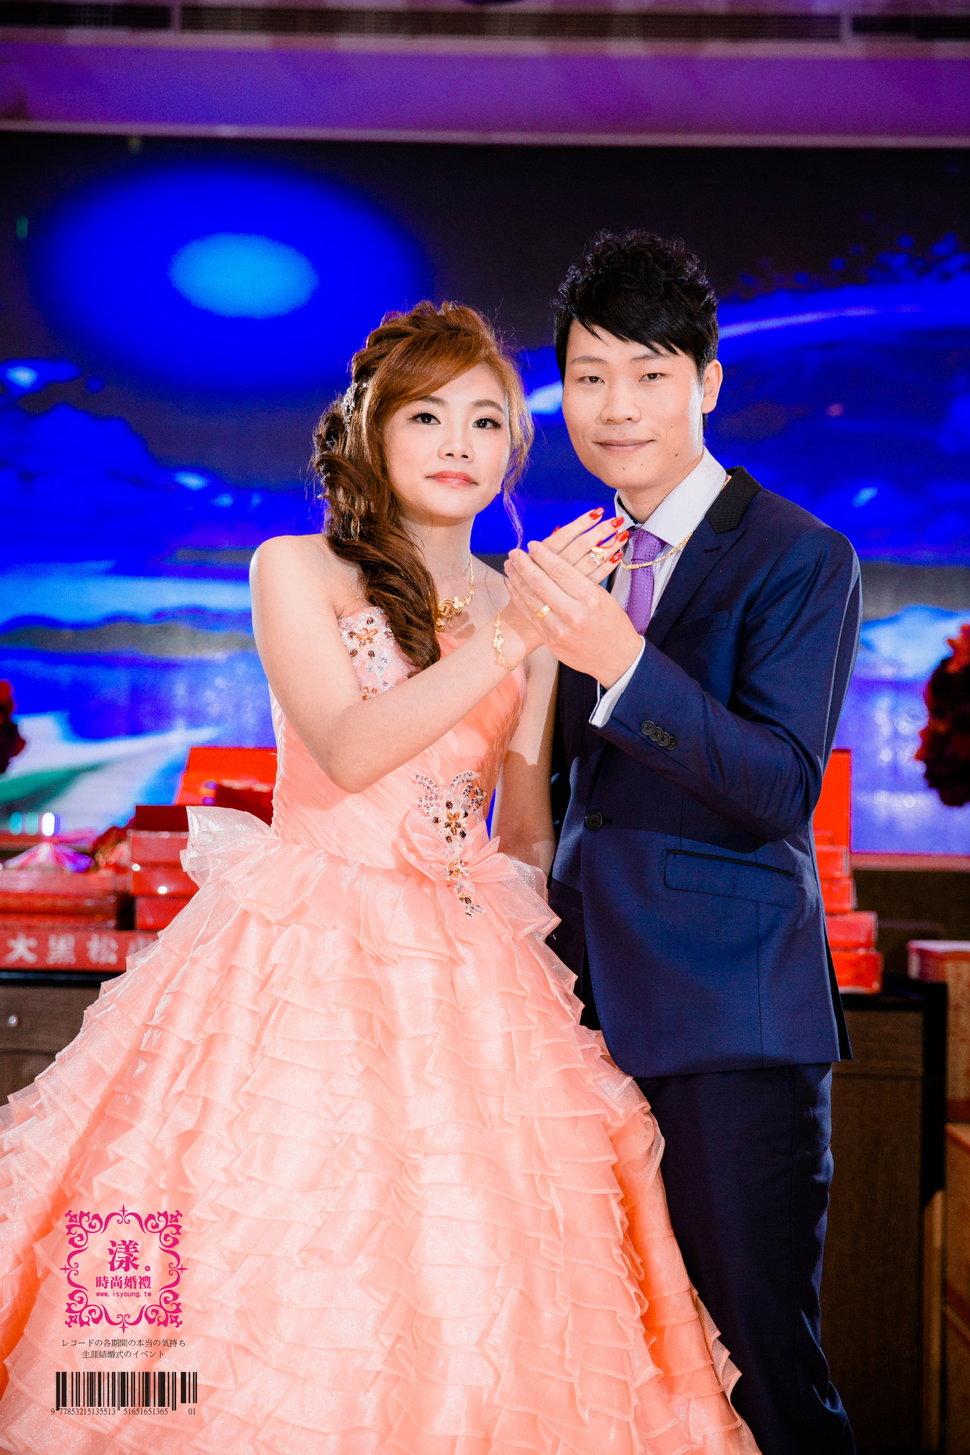 婚禮攝影-07-01m - 漾。時尚婚禮 - 結婚吧